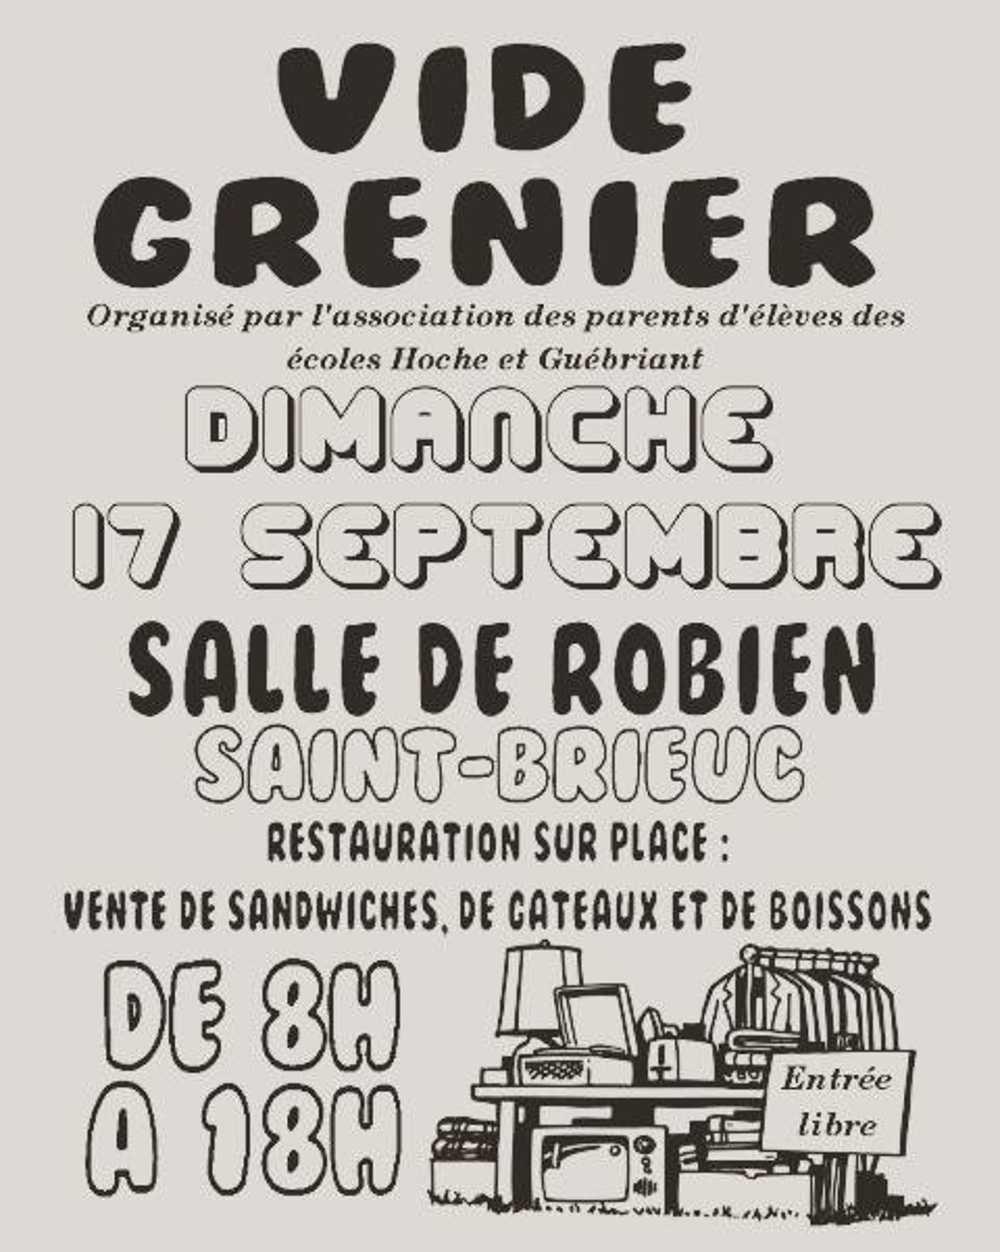 Vide grenier des écoles Hoche et Guébriand le 17 septembre 2017 0